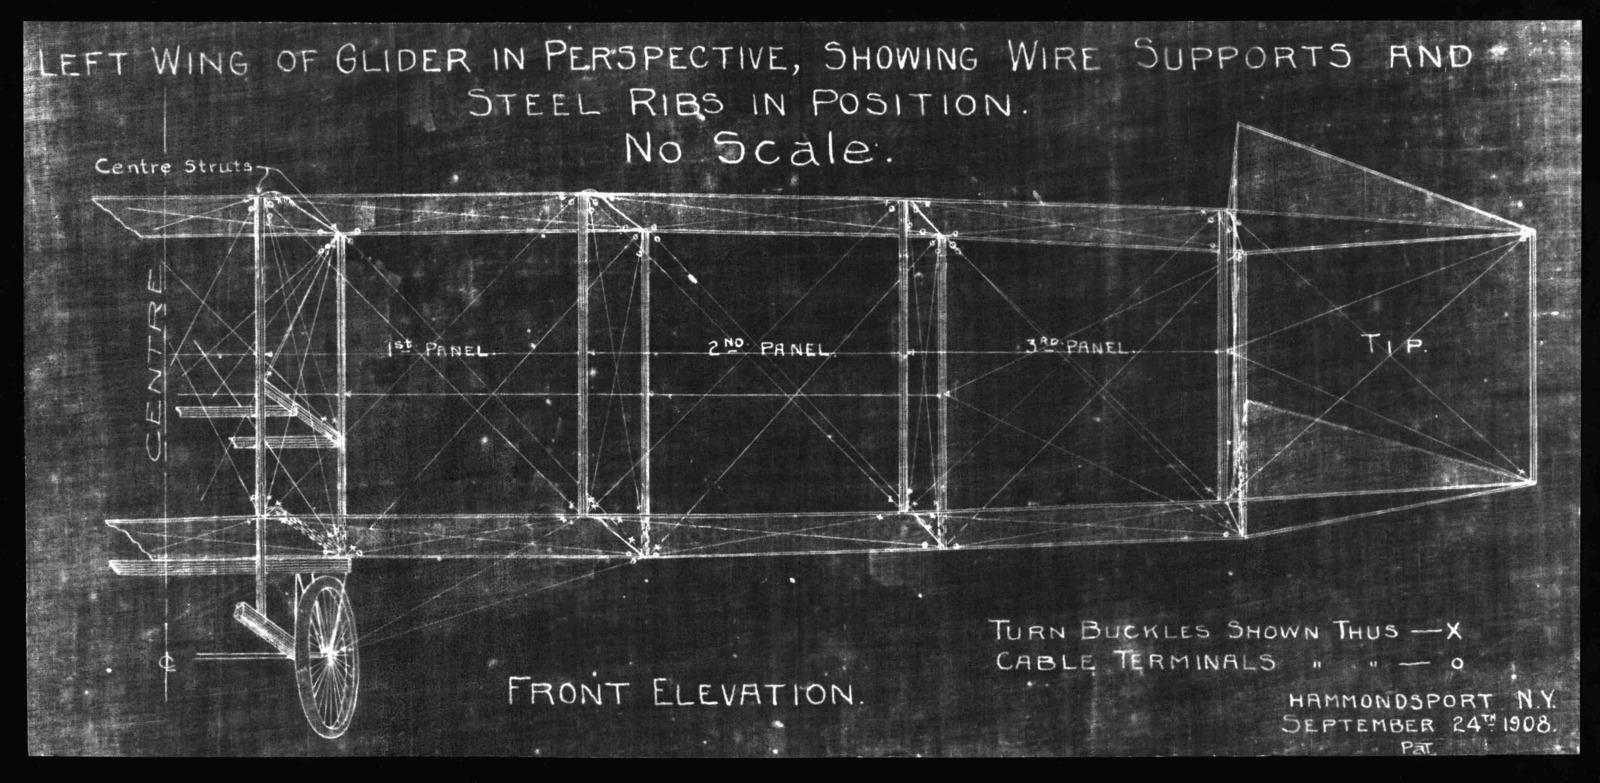 Blueprint, September 24, 1908